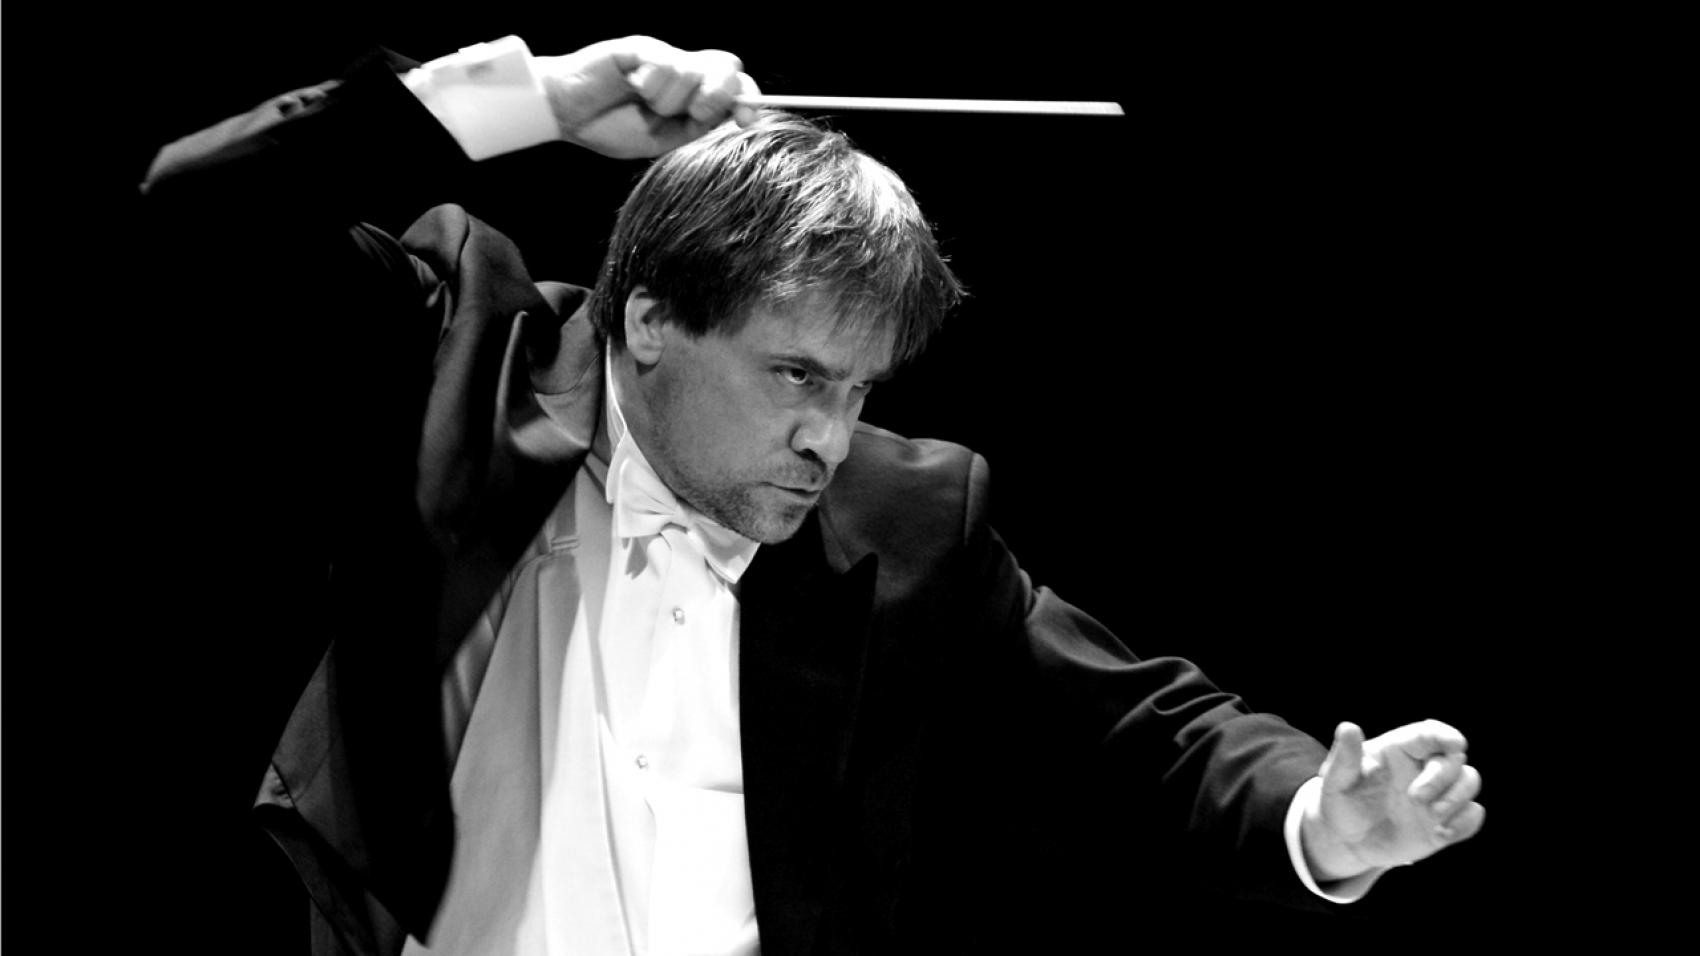 Sibelius Violin Concerto and Rachmaninoff Symphony No. 3